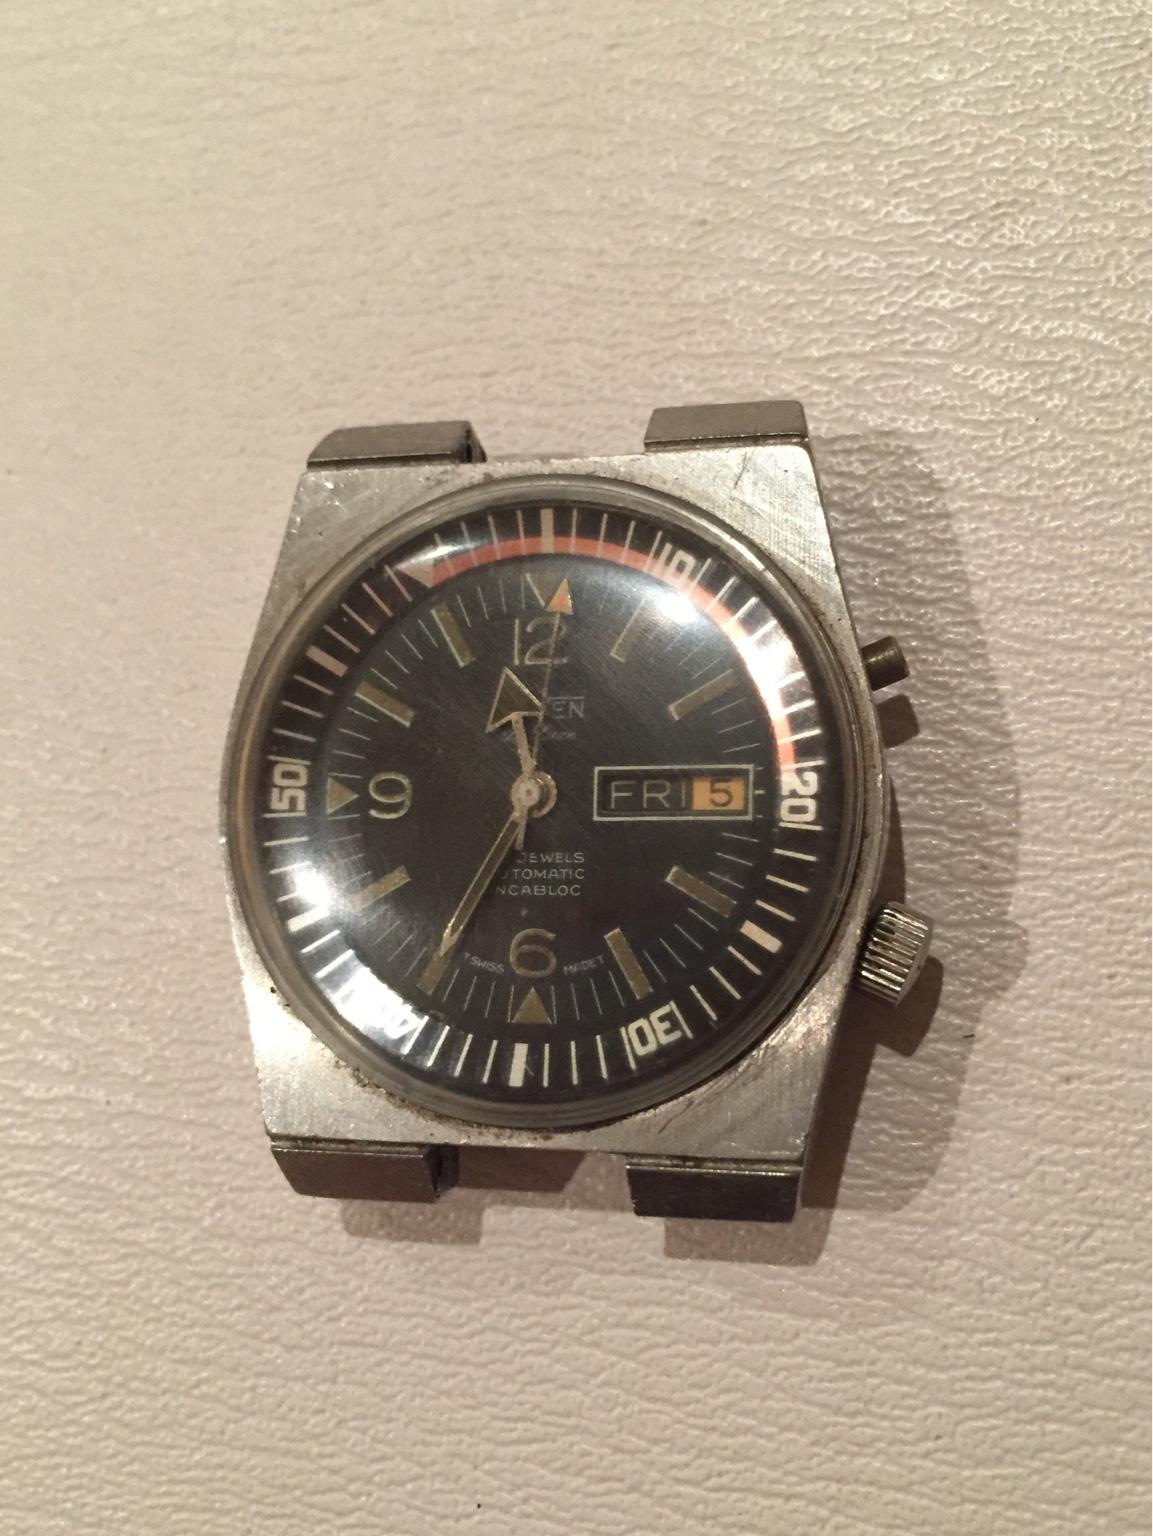 [Orven] Today's vintage wear : Watches - reddit.com